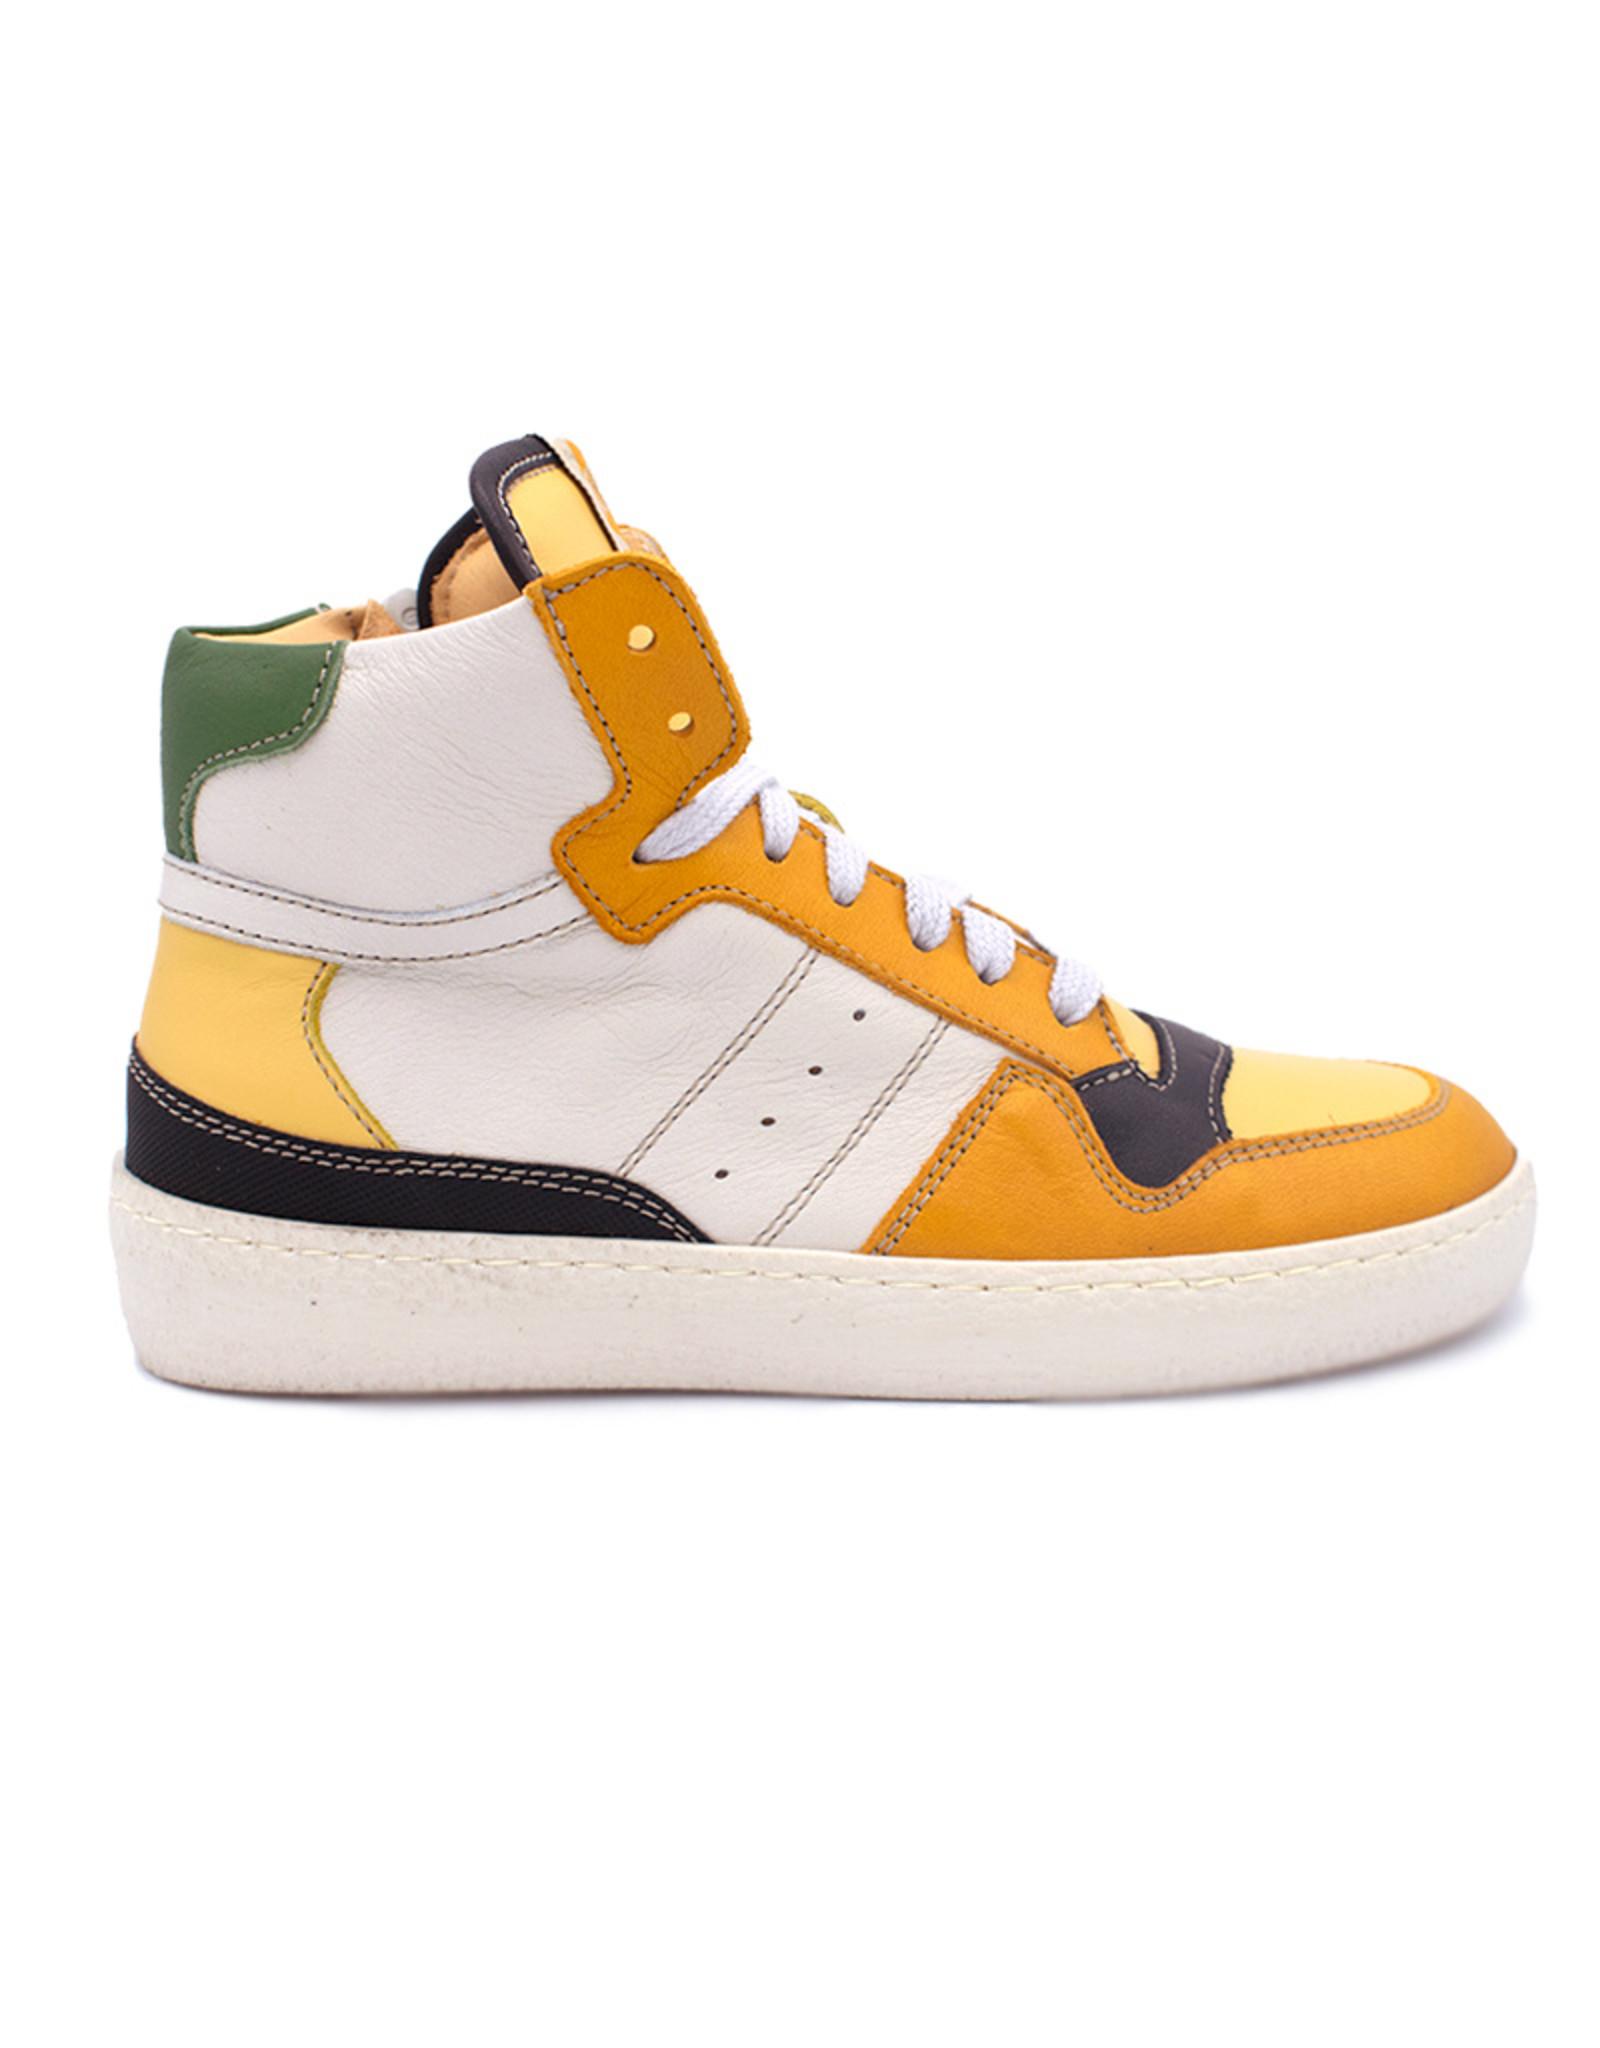 OCRA OCRA hoge sneaker geel